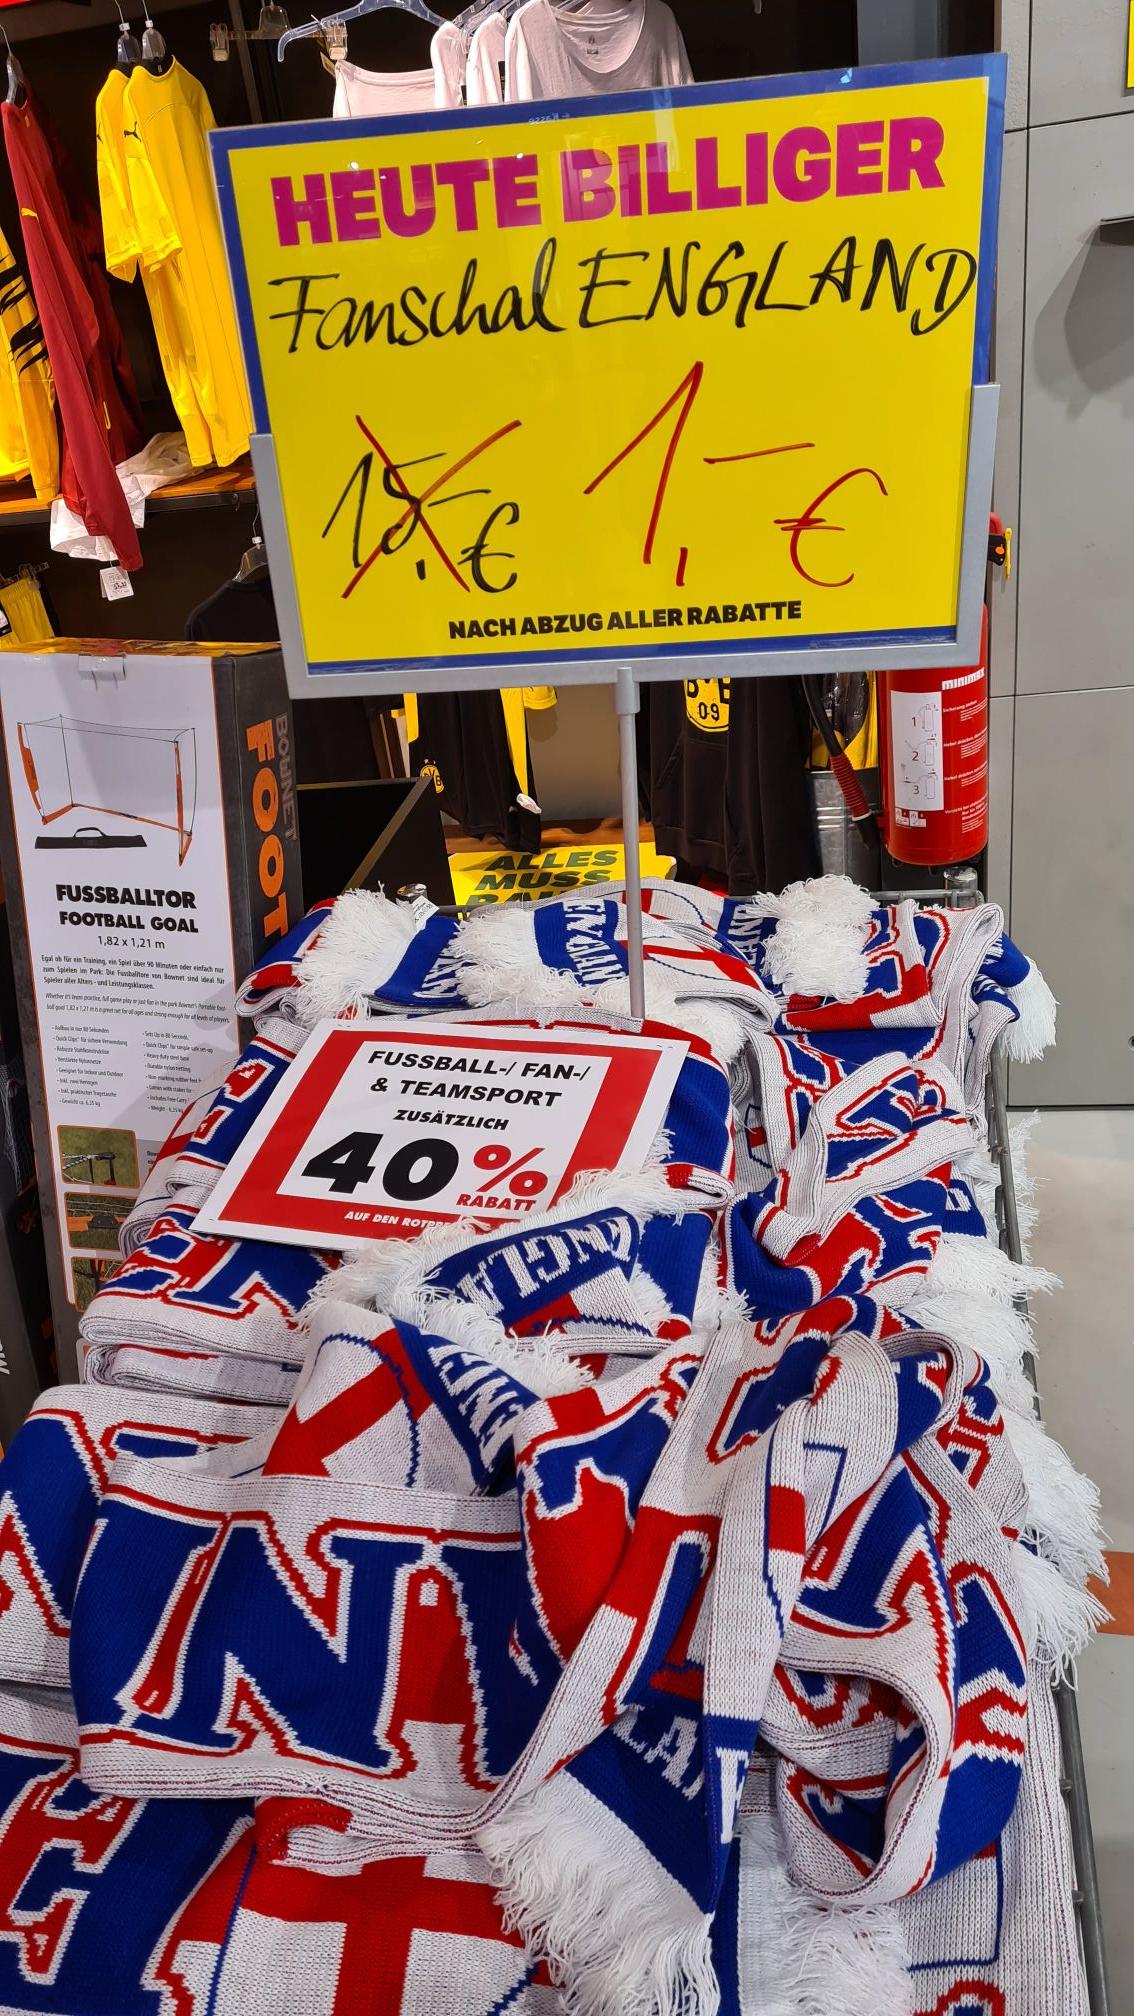 [Lokal Berlin] Karstadt - England-Fanschals für 60 Cent.